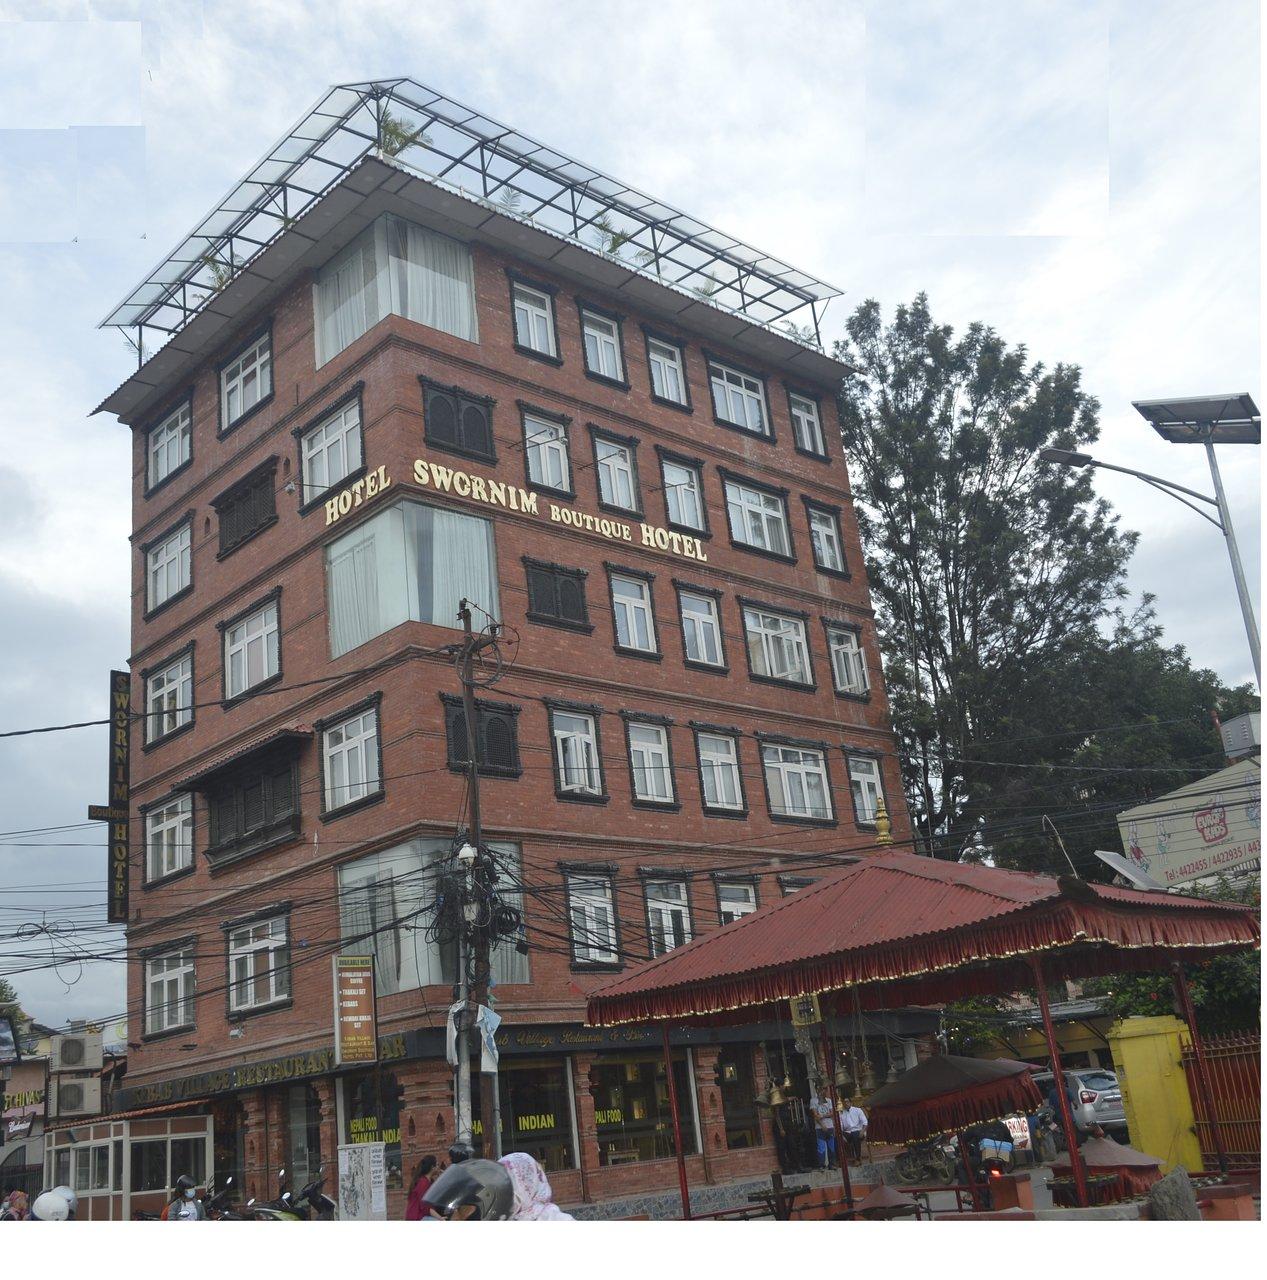 swornim boutique hotel 40 6 6 prices reviews kathmandu rh tripadvisor com